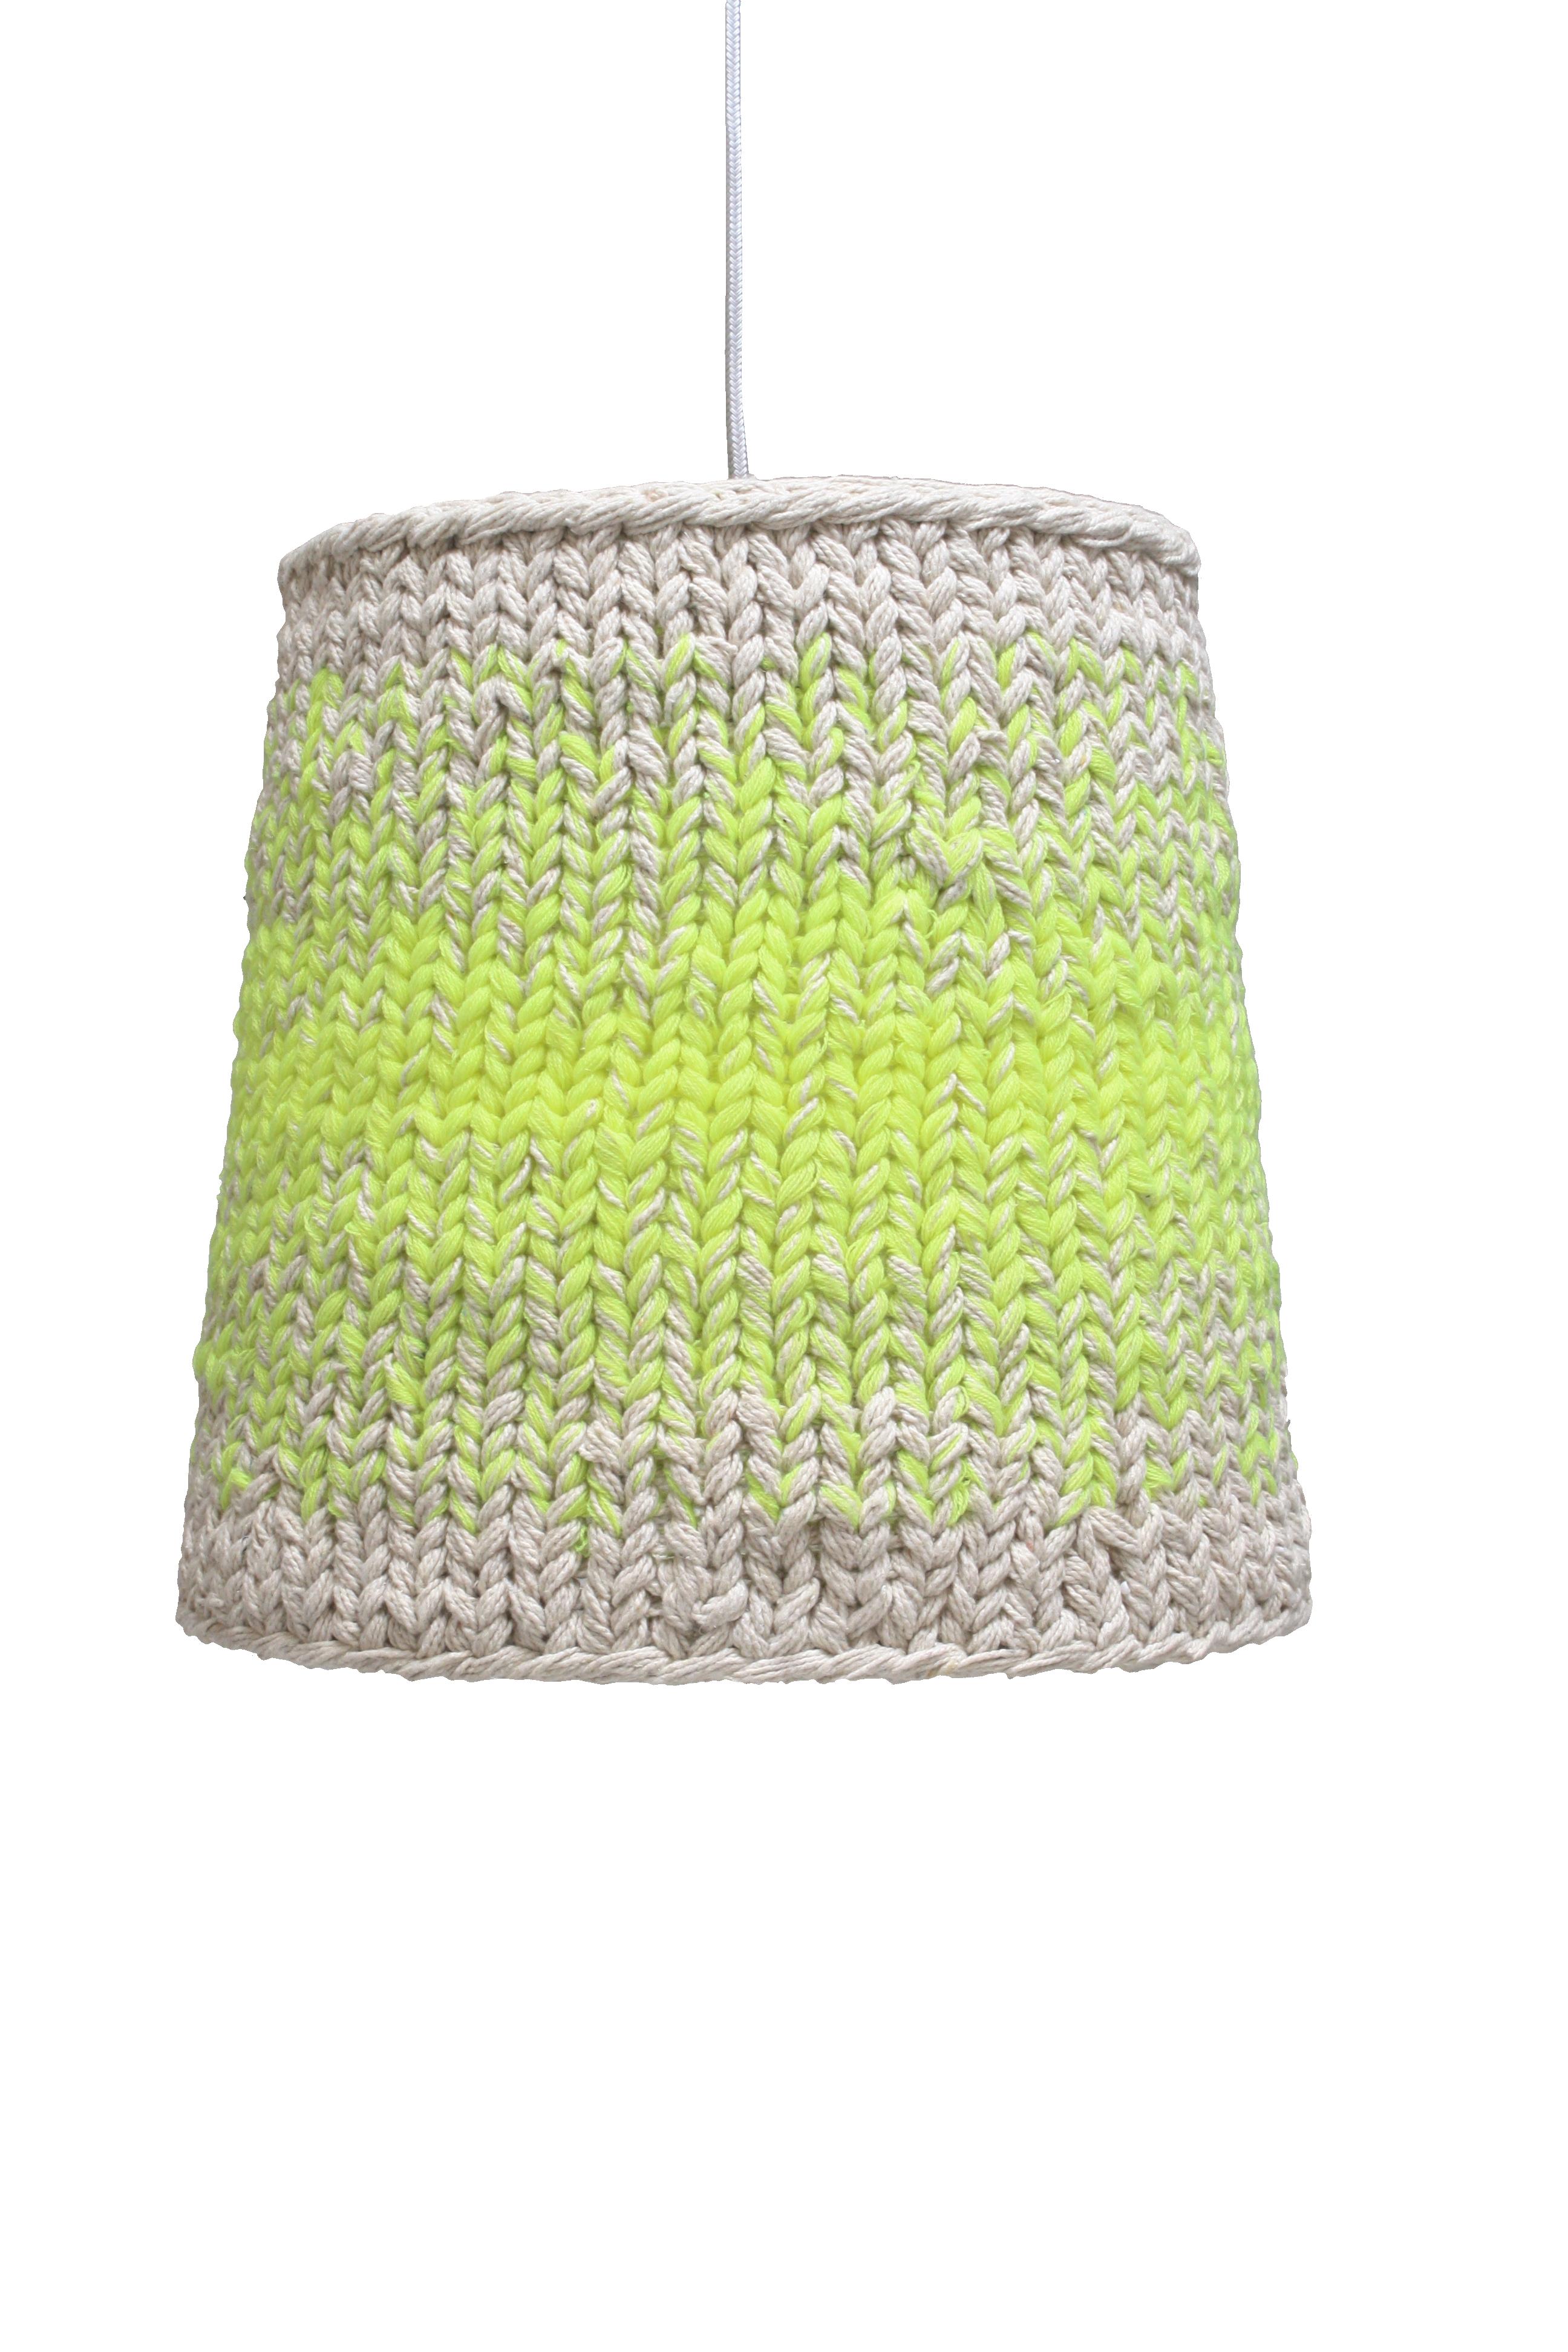 cover lovely bulb round light recessed lamp ceiling metal w v spotlight led